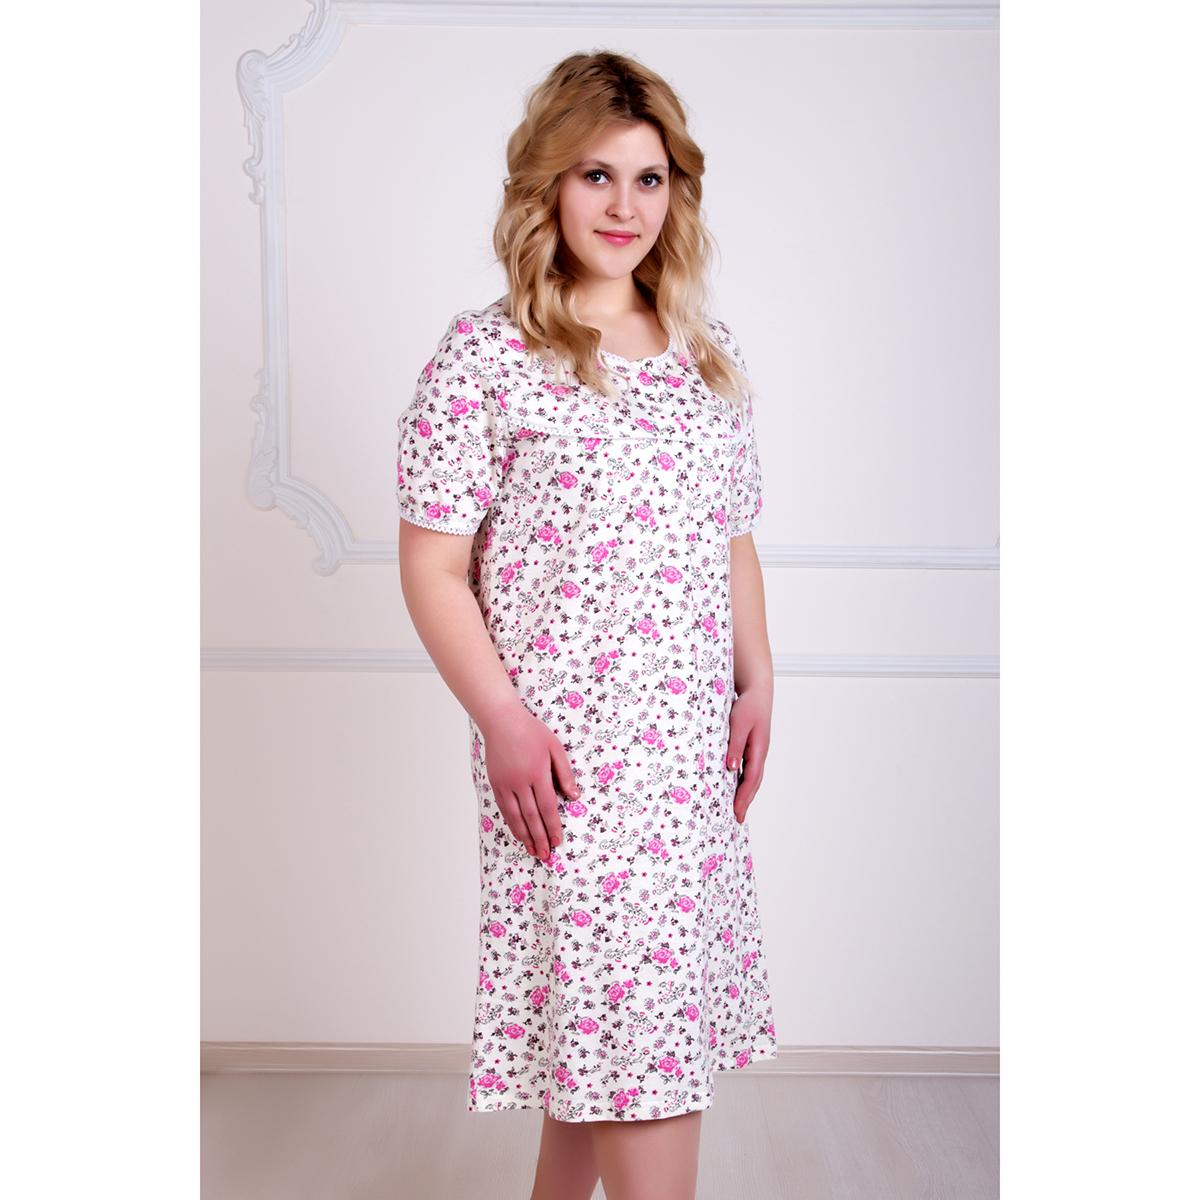 Женская сорочка Цветочек арт. 0288, размер 52Пижамы и ночные сорочки<br>Обхват груди:104 см<br>Обхват талии:85 см<br>Обхват бедер:112 см<br>Рост:167 см<br><br>Тип: Жен. сорочка<br>Размер: 52<br>Материал: Кулирка